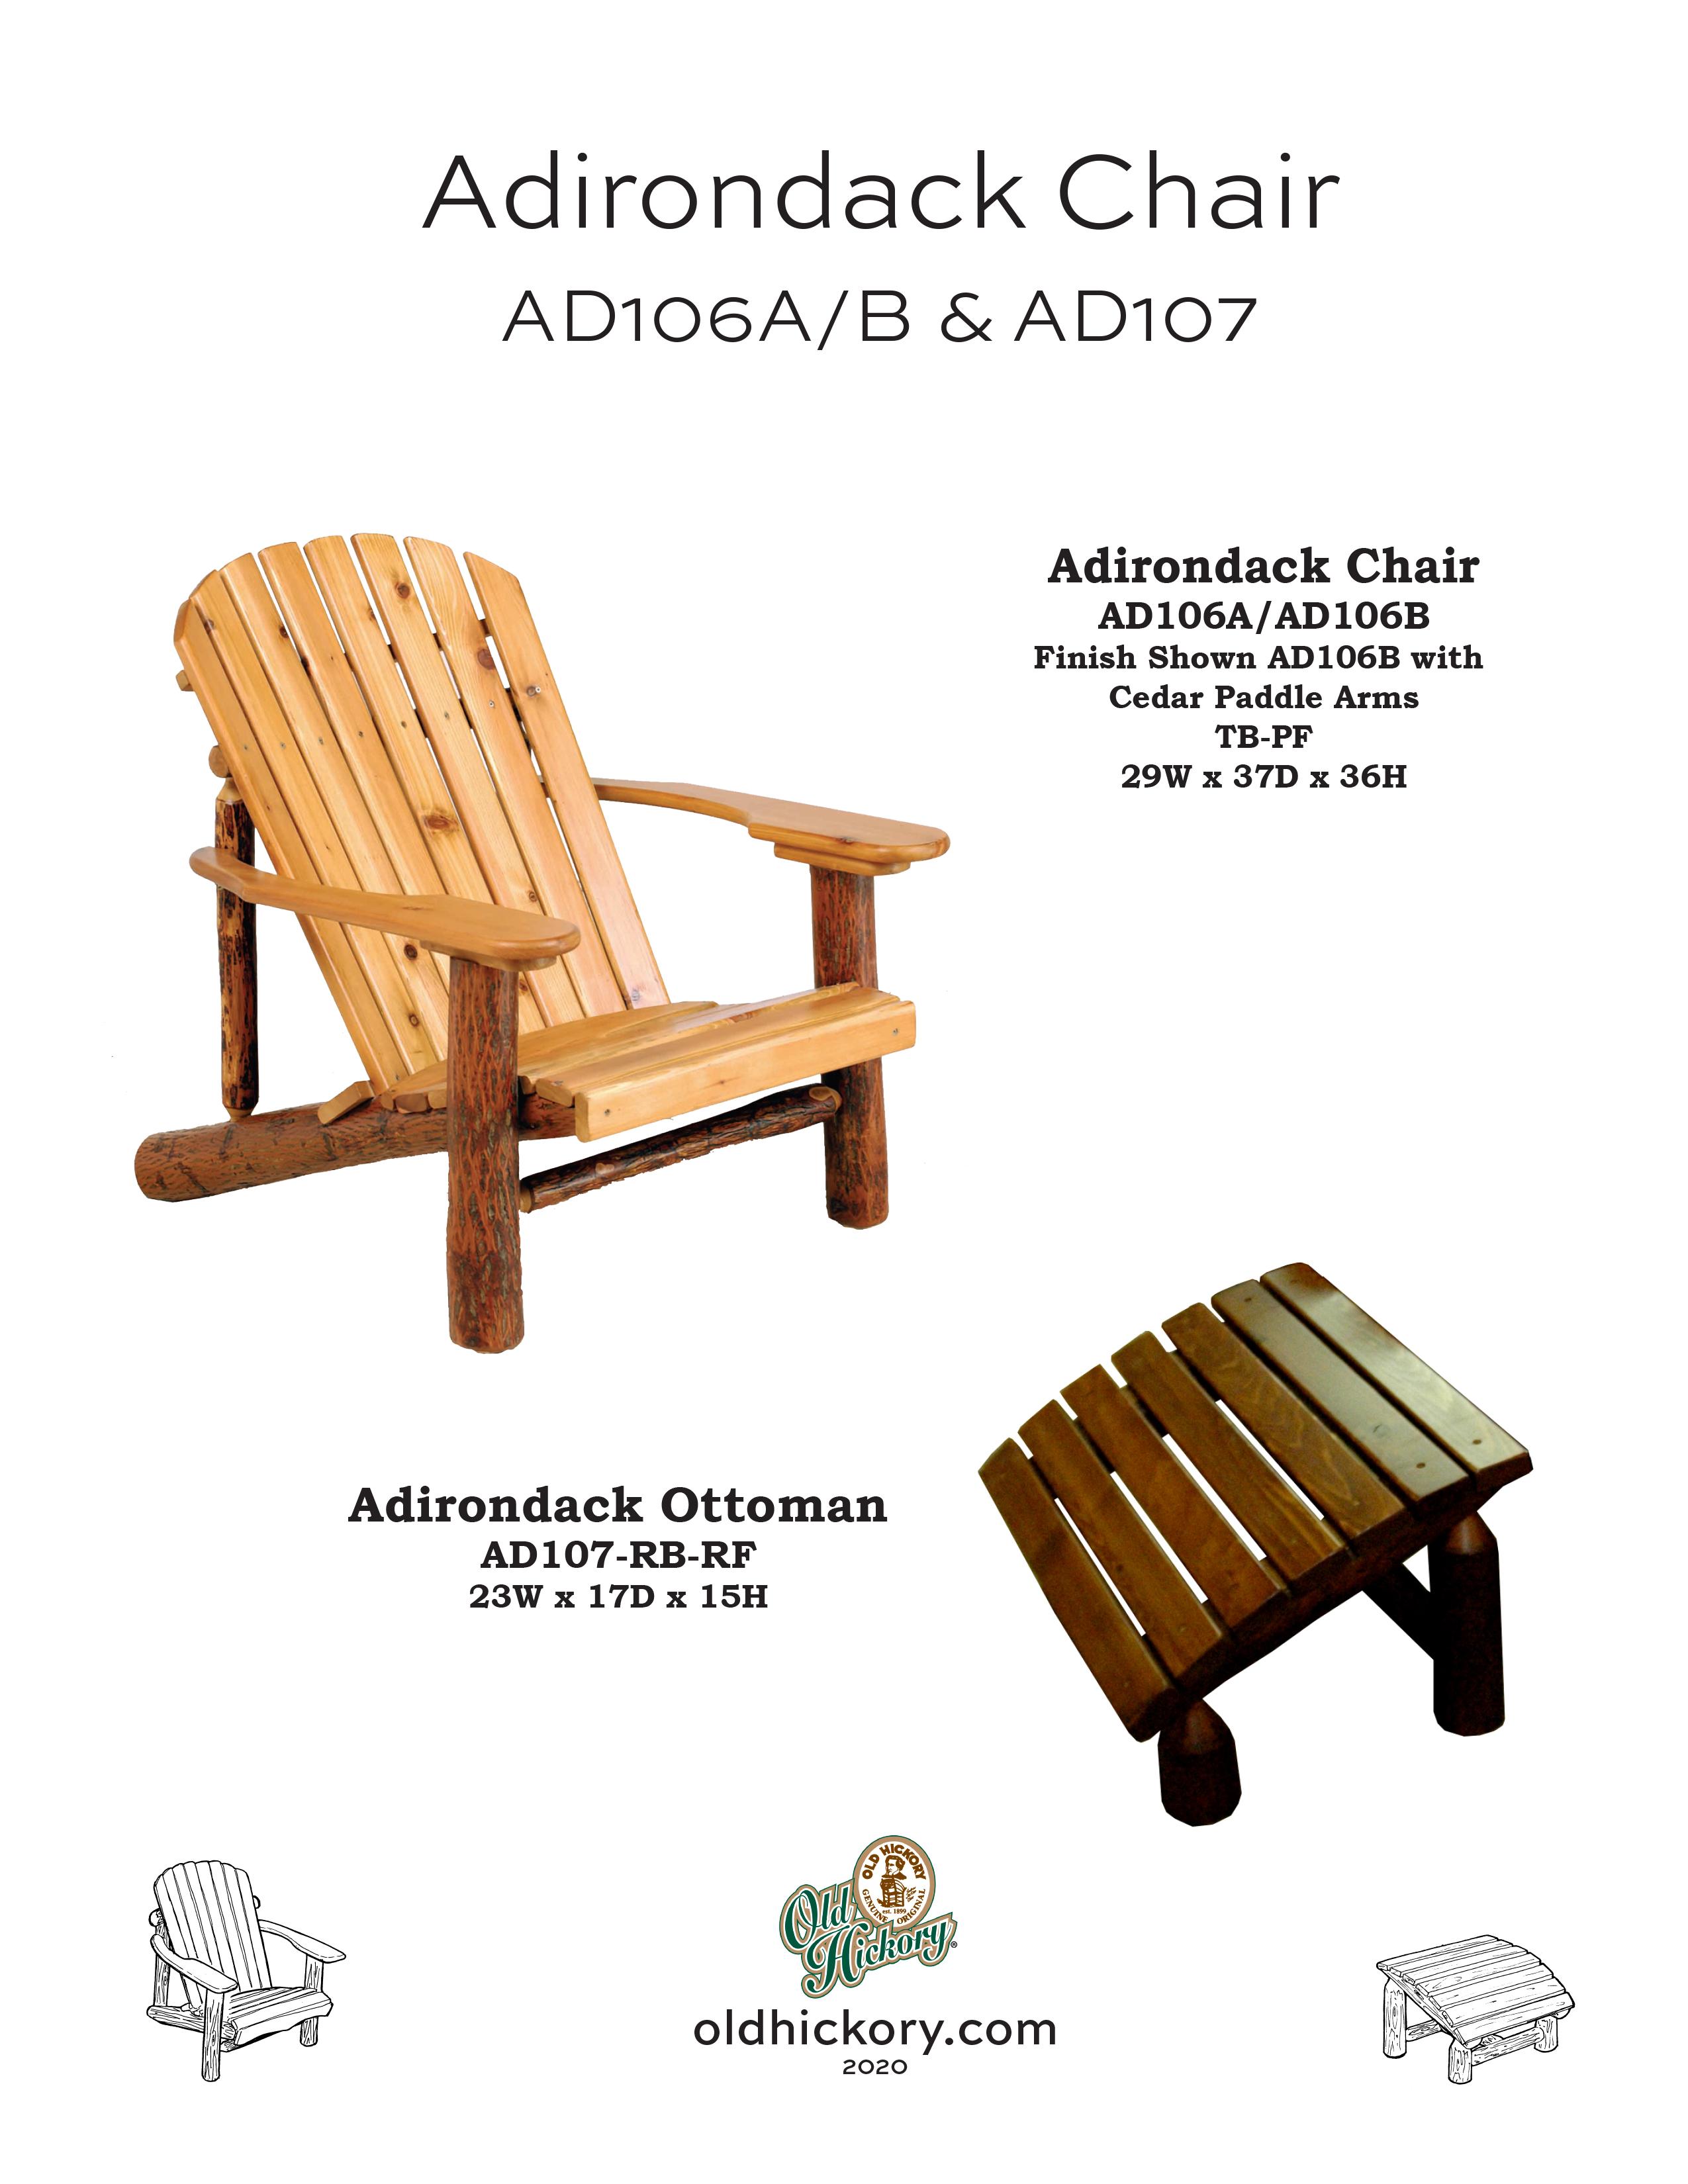 AD106A/B & AD107